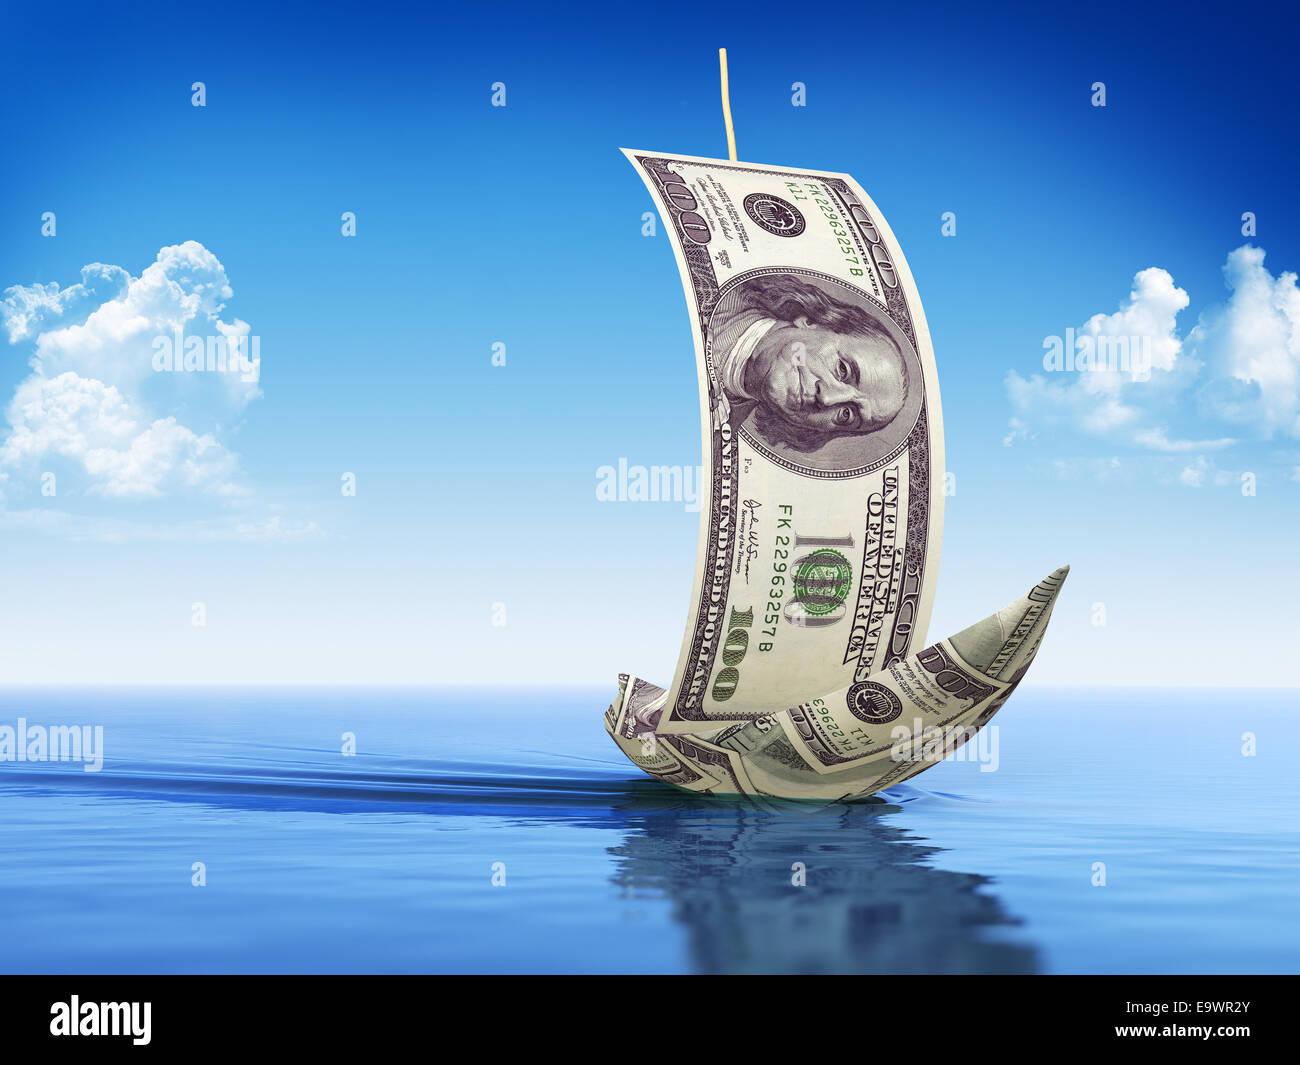 Voilier fait de Dollars Photo Stock